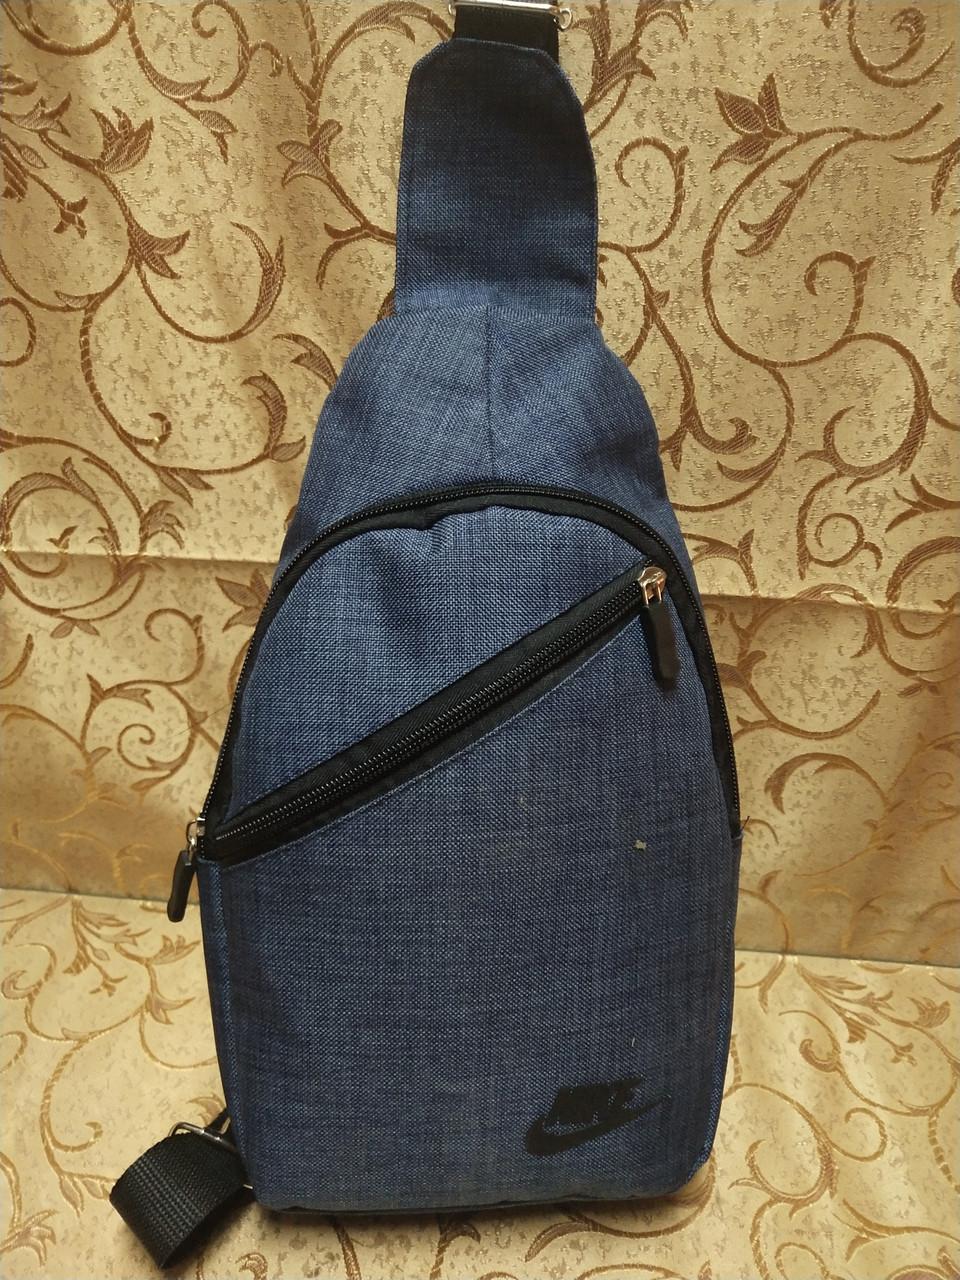 3275719f413d Новинка (Гарантия качества)Барсетка nike слинг на грудь сумка спортивные  мессенджер 600d для через плечо